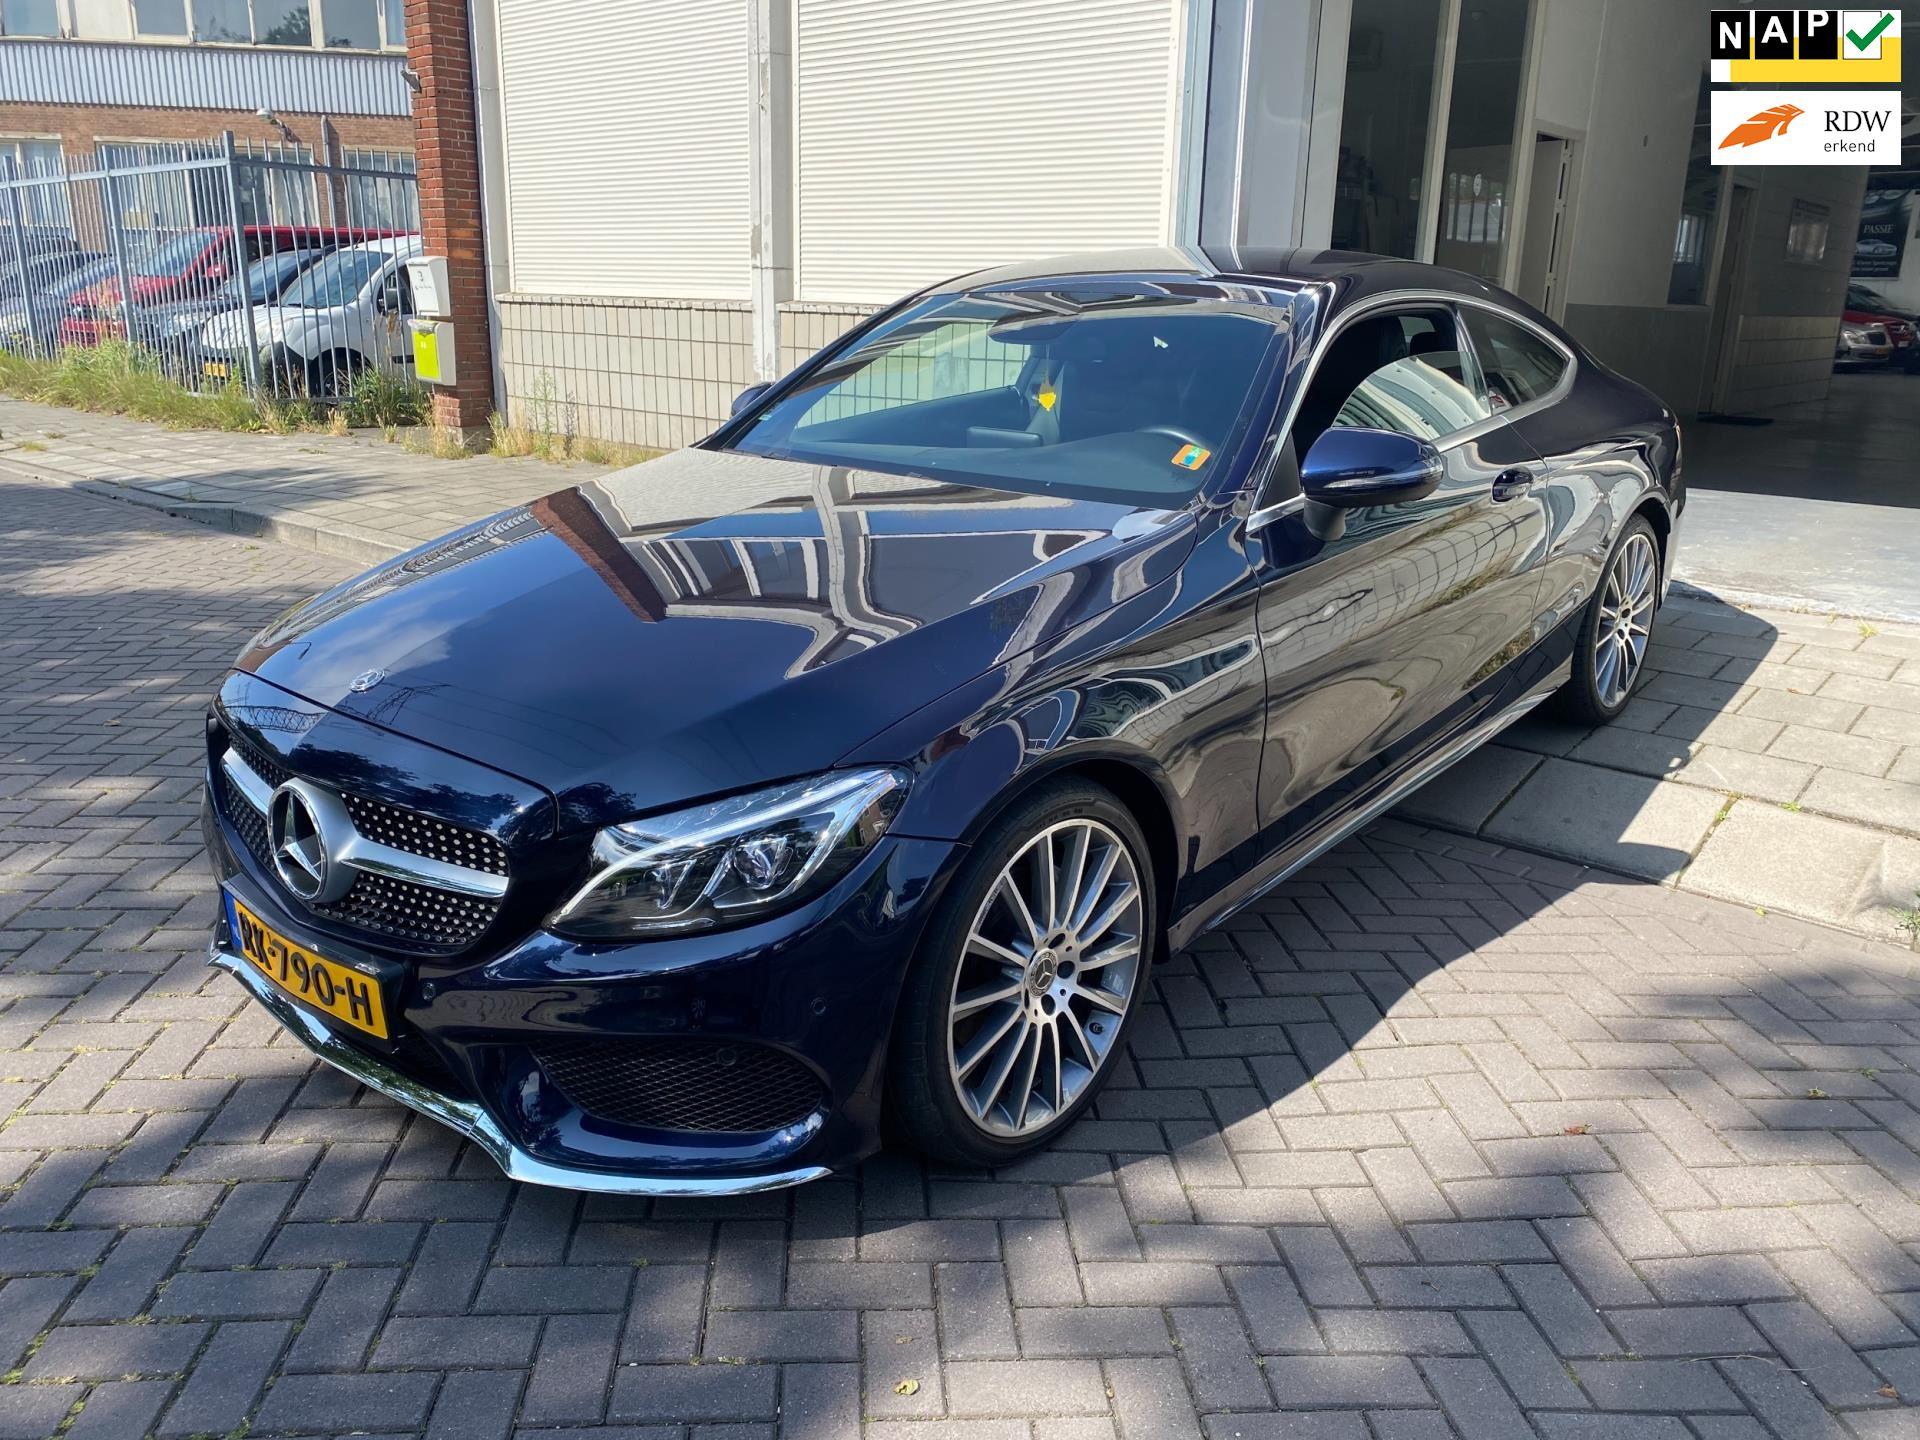 Mercedes-Benz C-klasse Coupé occasion - Autogarage Famillia